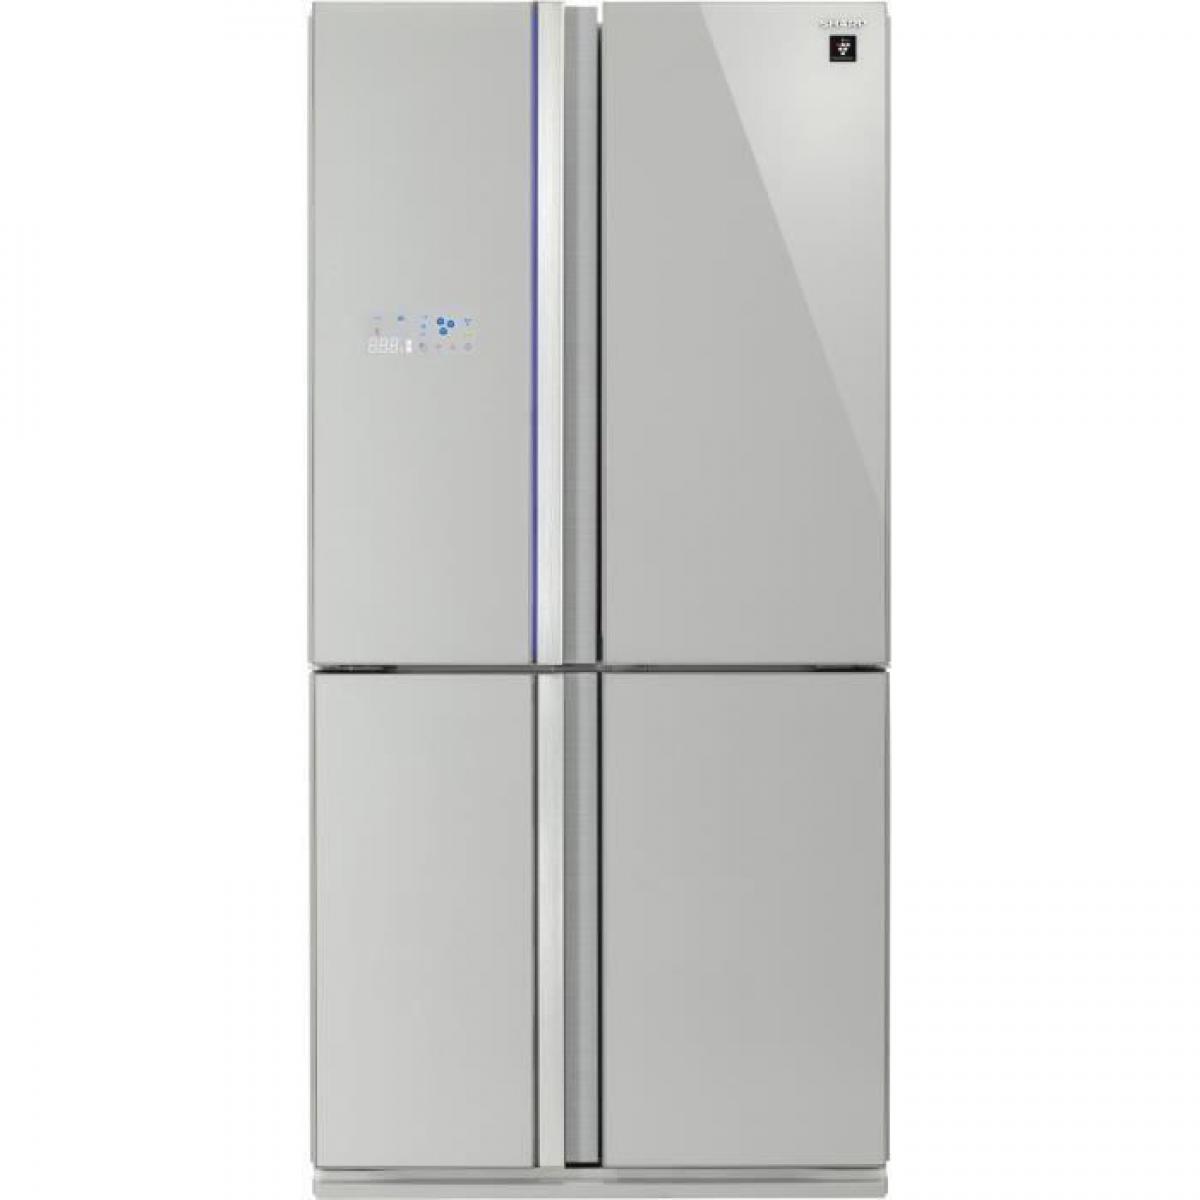 Sharp SHARP - SJ-FS810VSL - Refrigerateur Multi-portes - 600L 393L+207L - Froid ventile No Frost - A+ - L89,2cm x H183cm - Sil